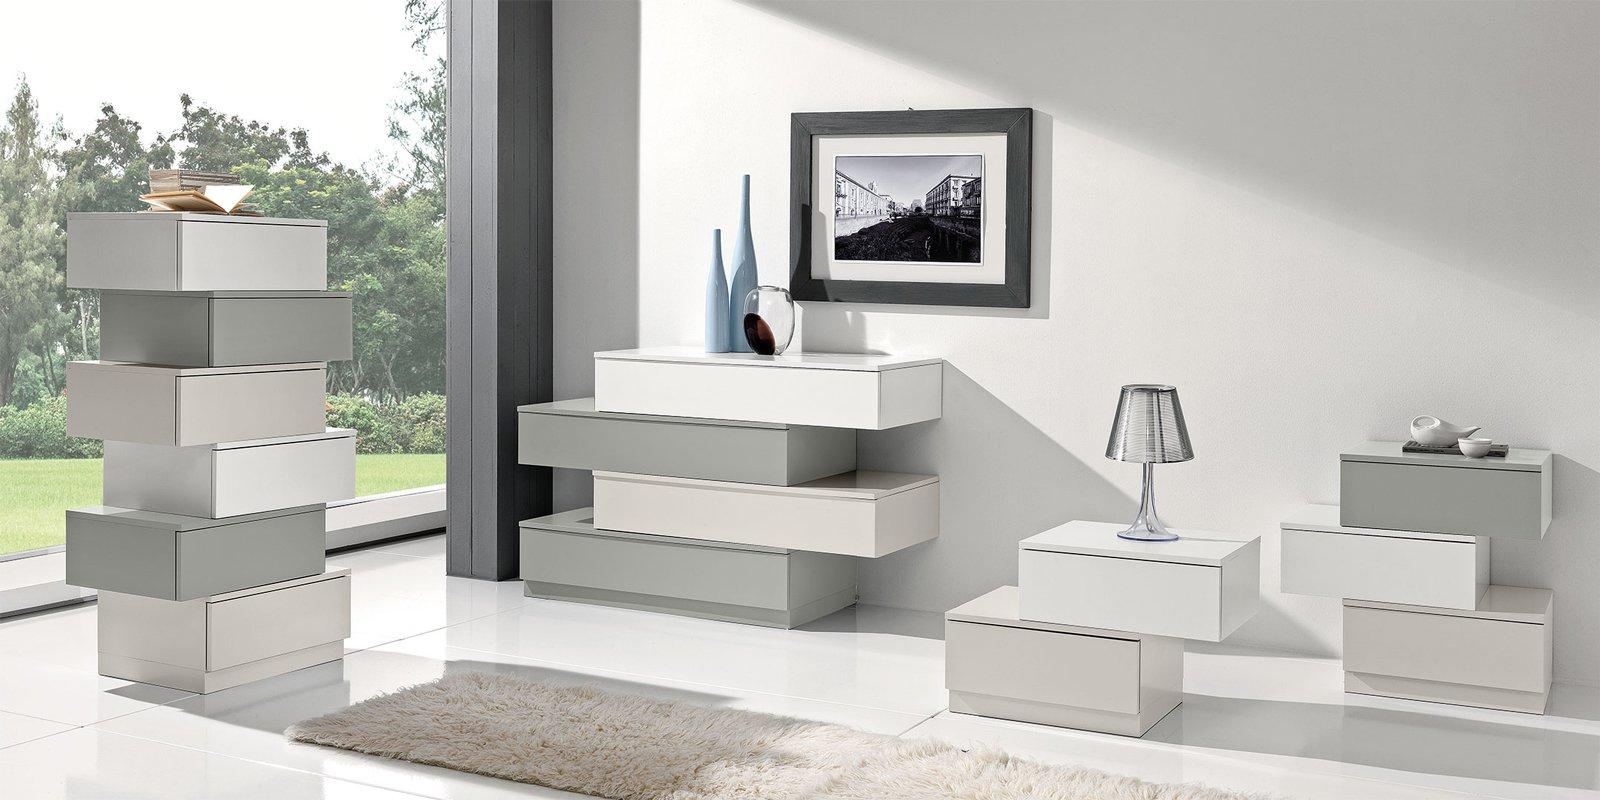 Cassettiere moderne e classiche cose di casa - Cassettiere camera letto ...